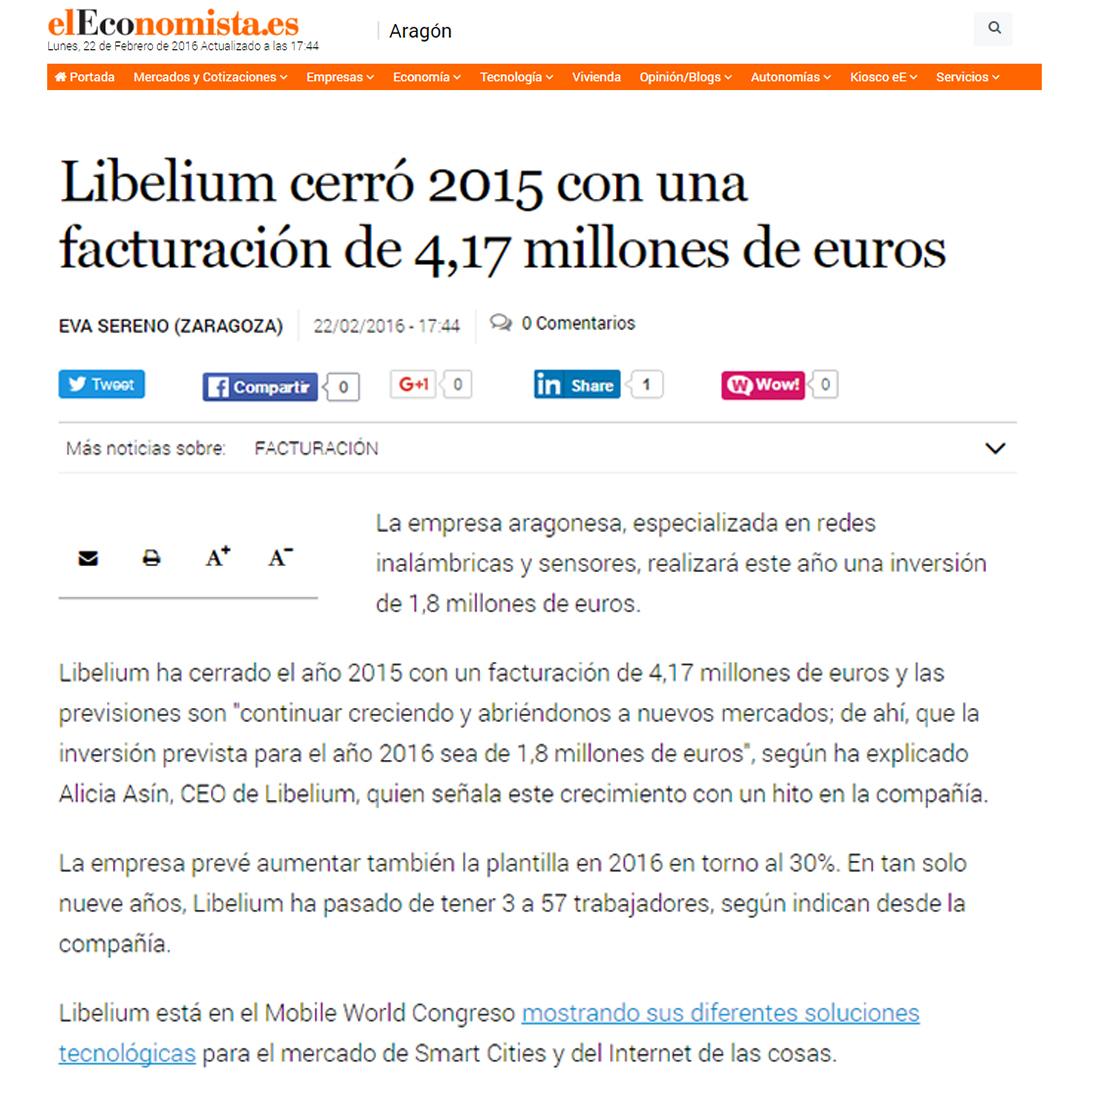 Libelium cerró 2015 con una facturación de 4,17 millones de euros